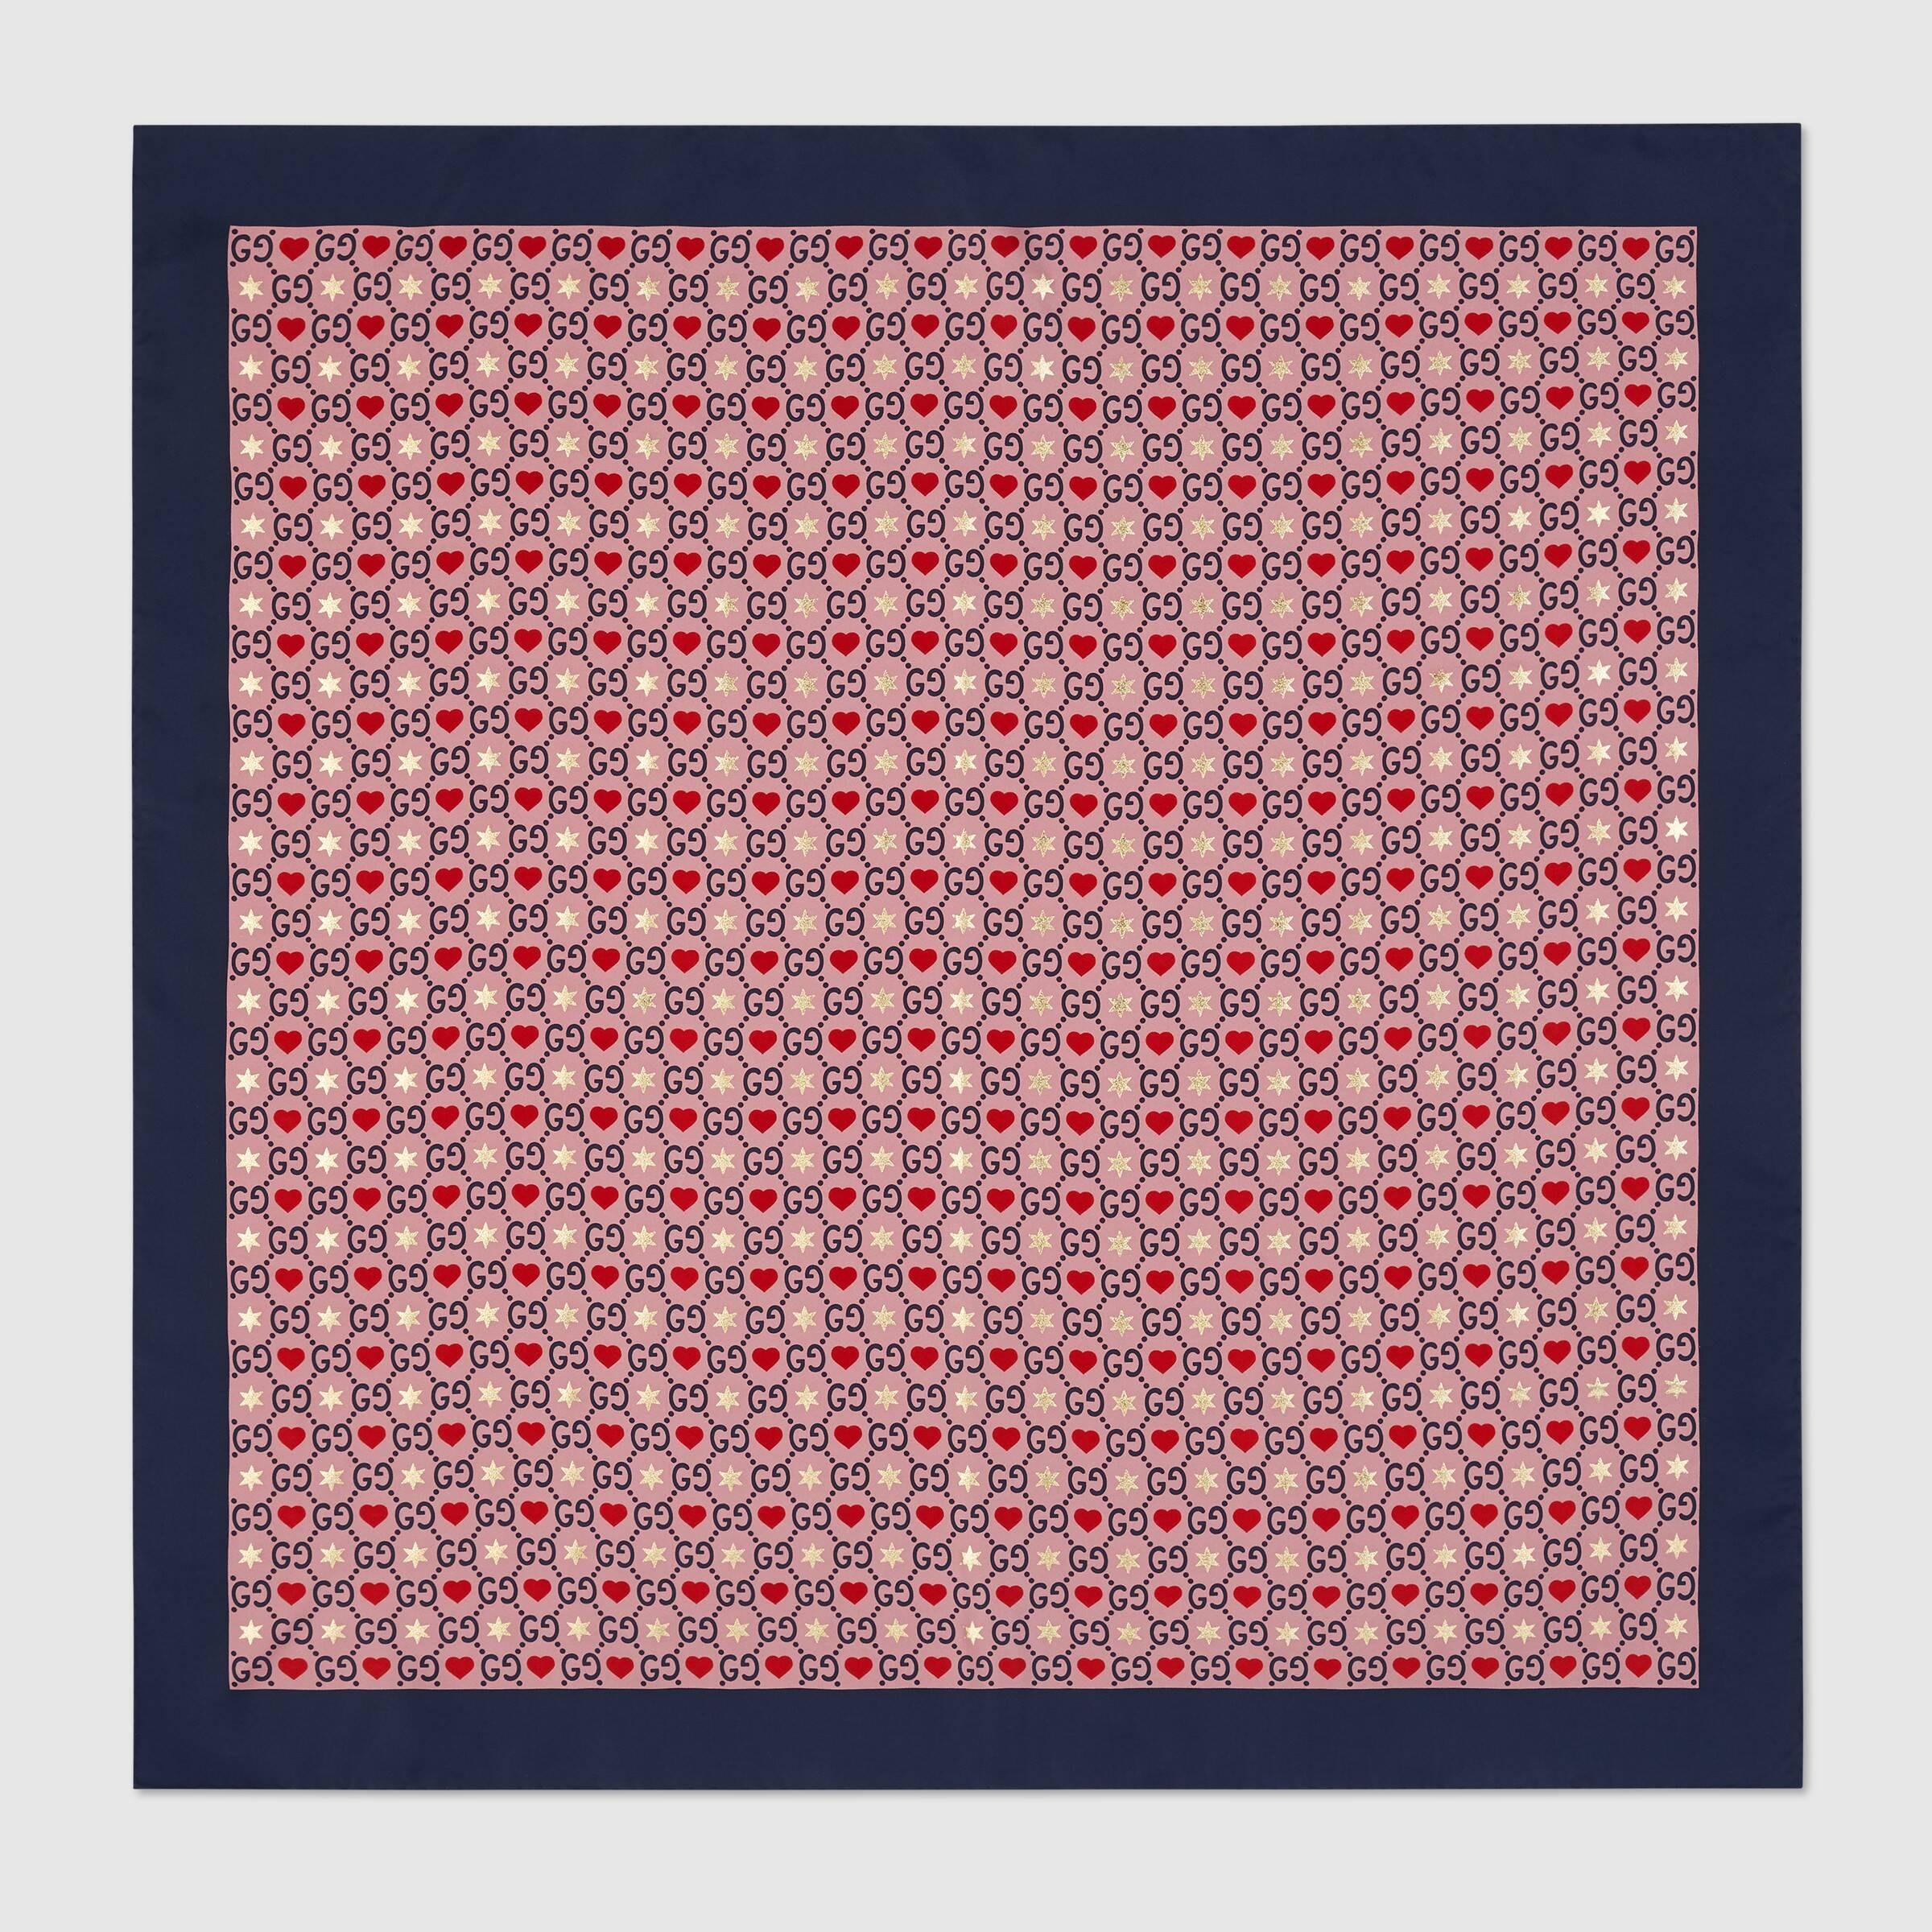 Gucci Silk scarf 609895 3G001 5968